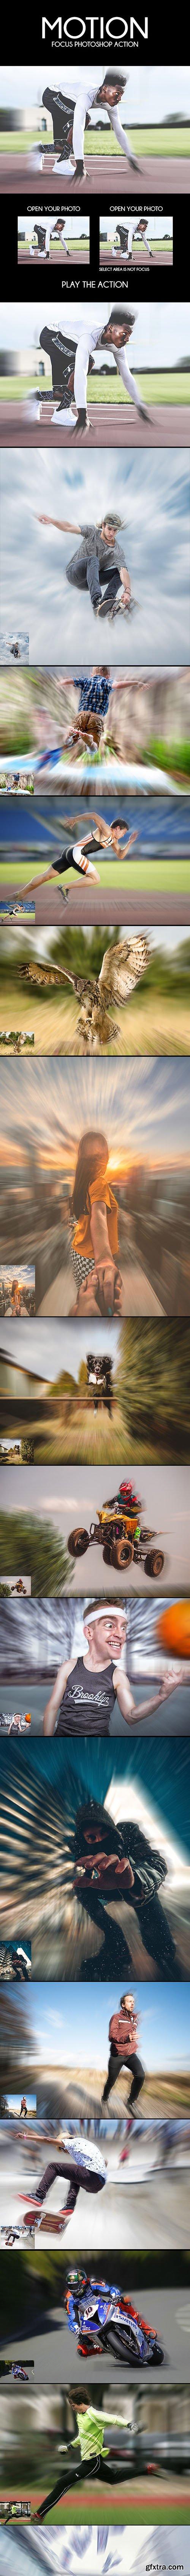 GraphicRiver - Motion Focus Photoshop Action 21813929